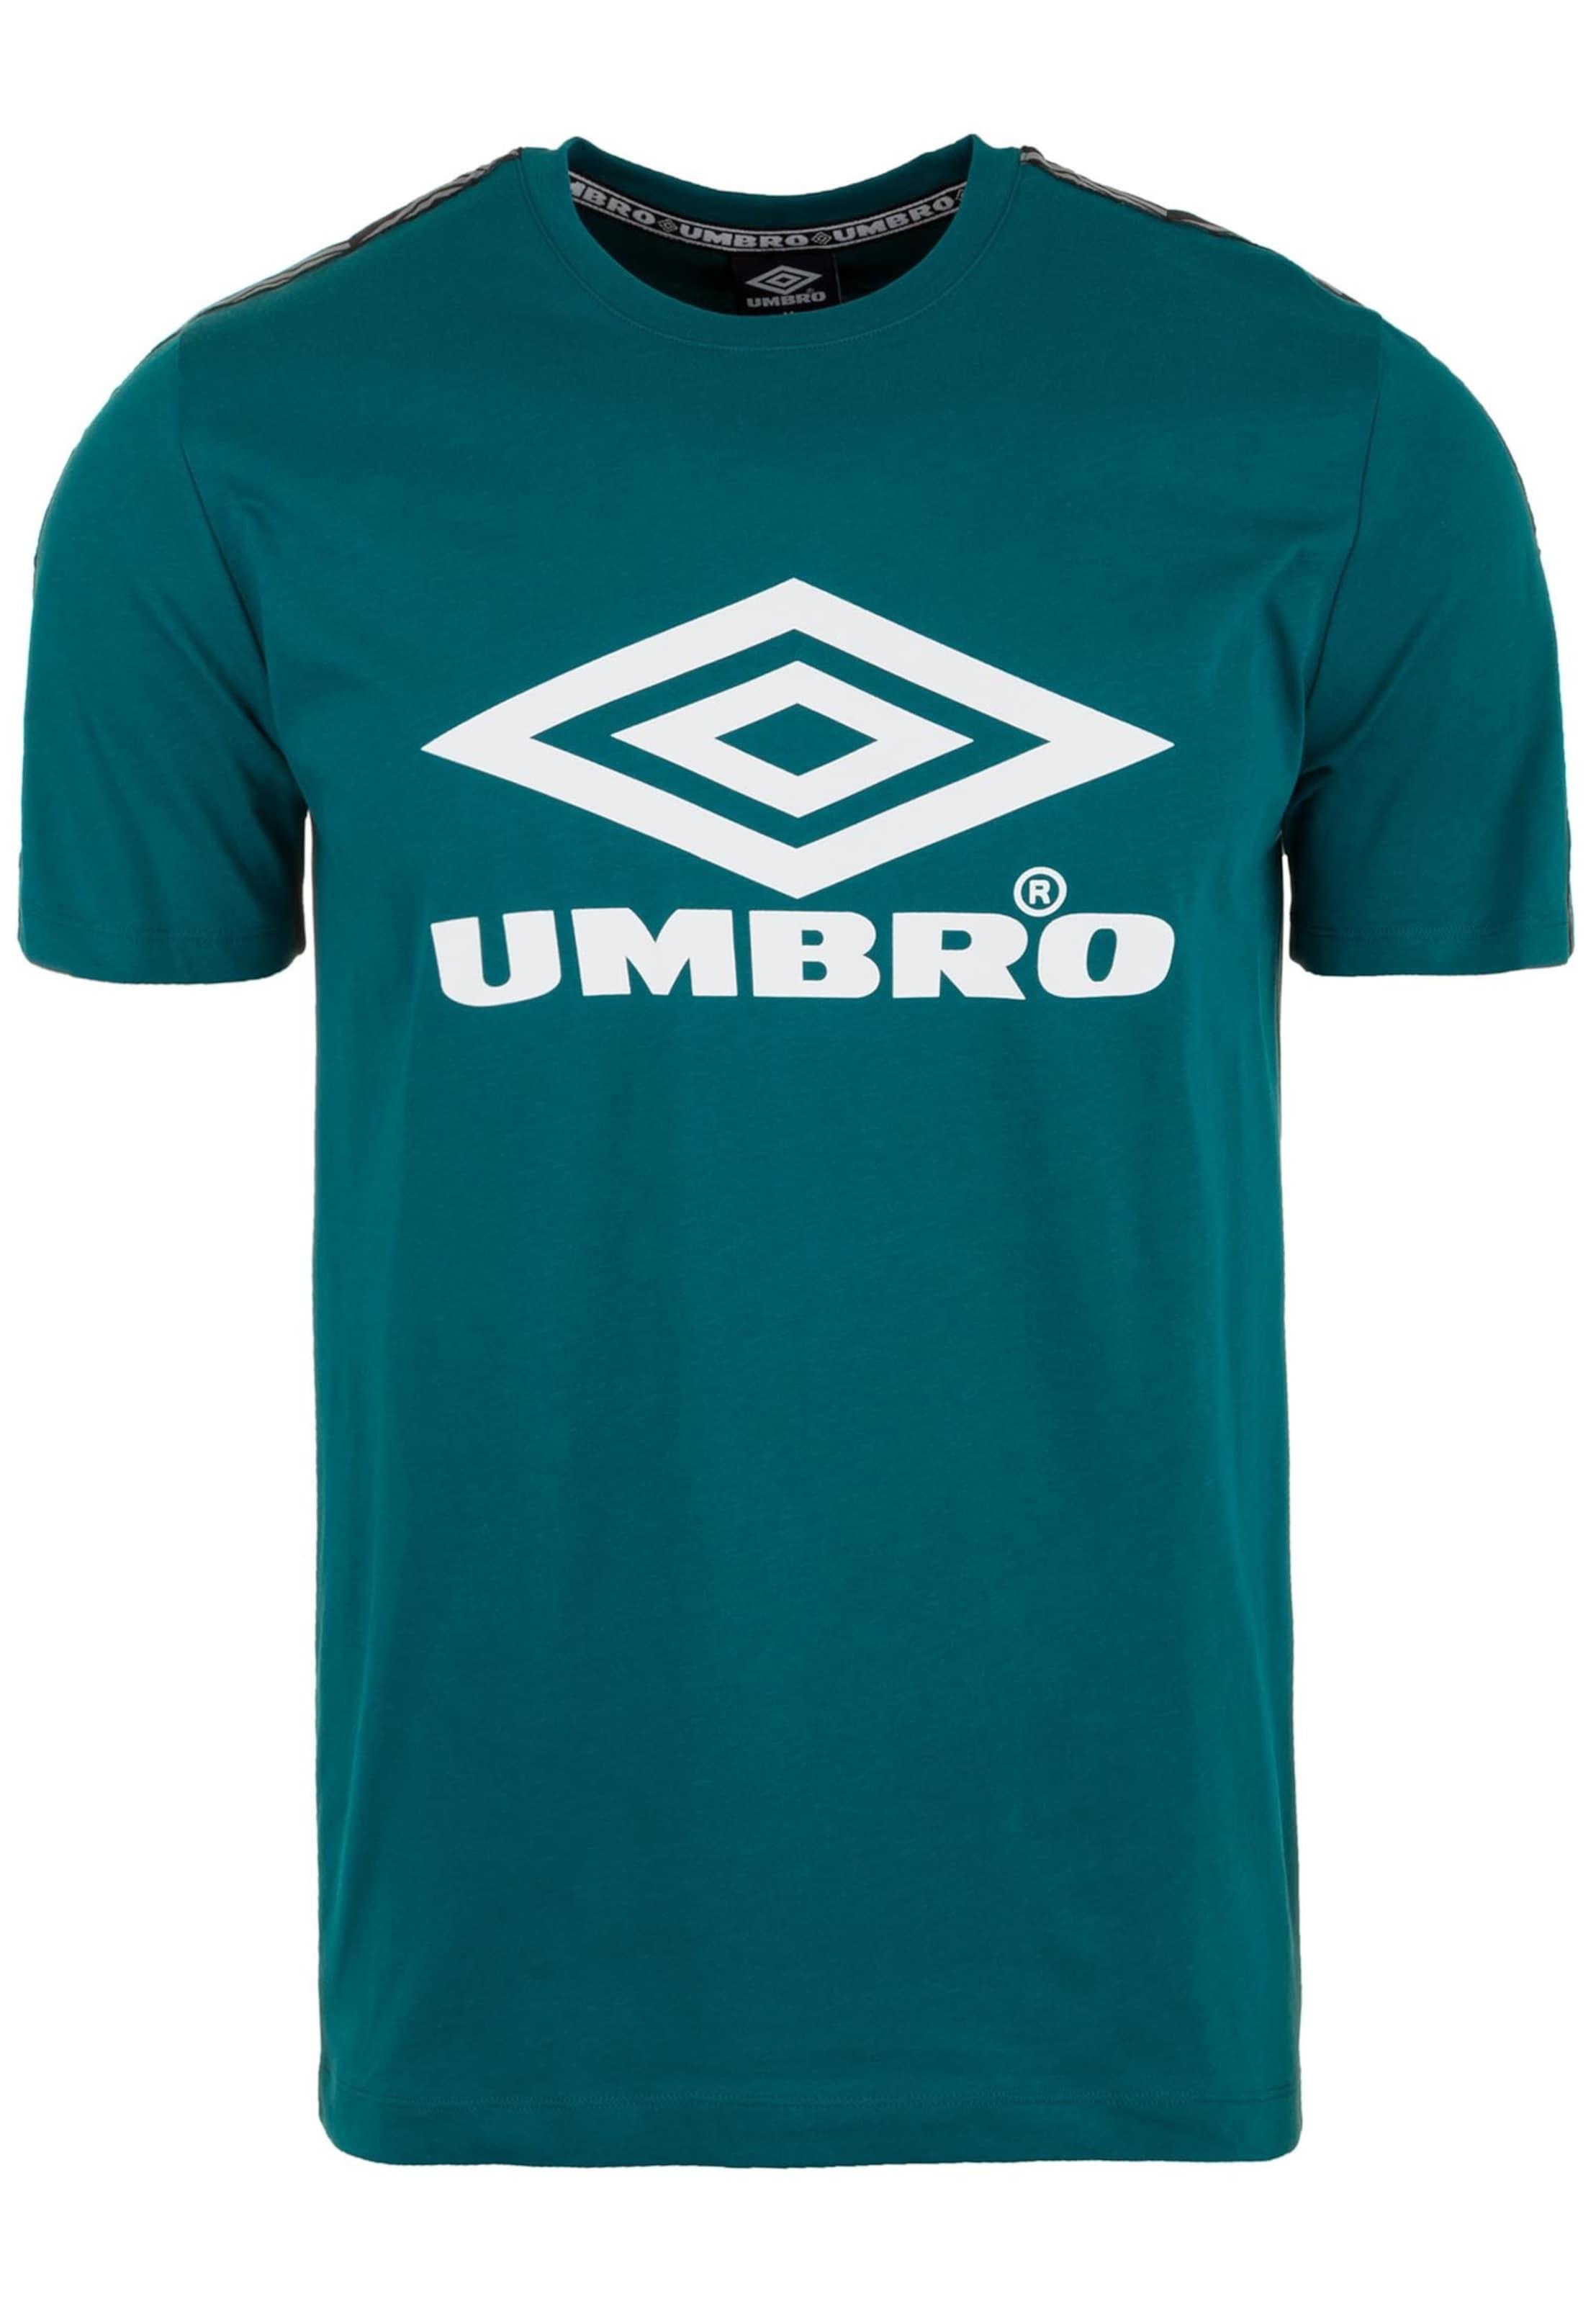 TürkisWeiß In Umbro Umbro shirt T T 0P8nwOk